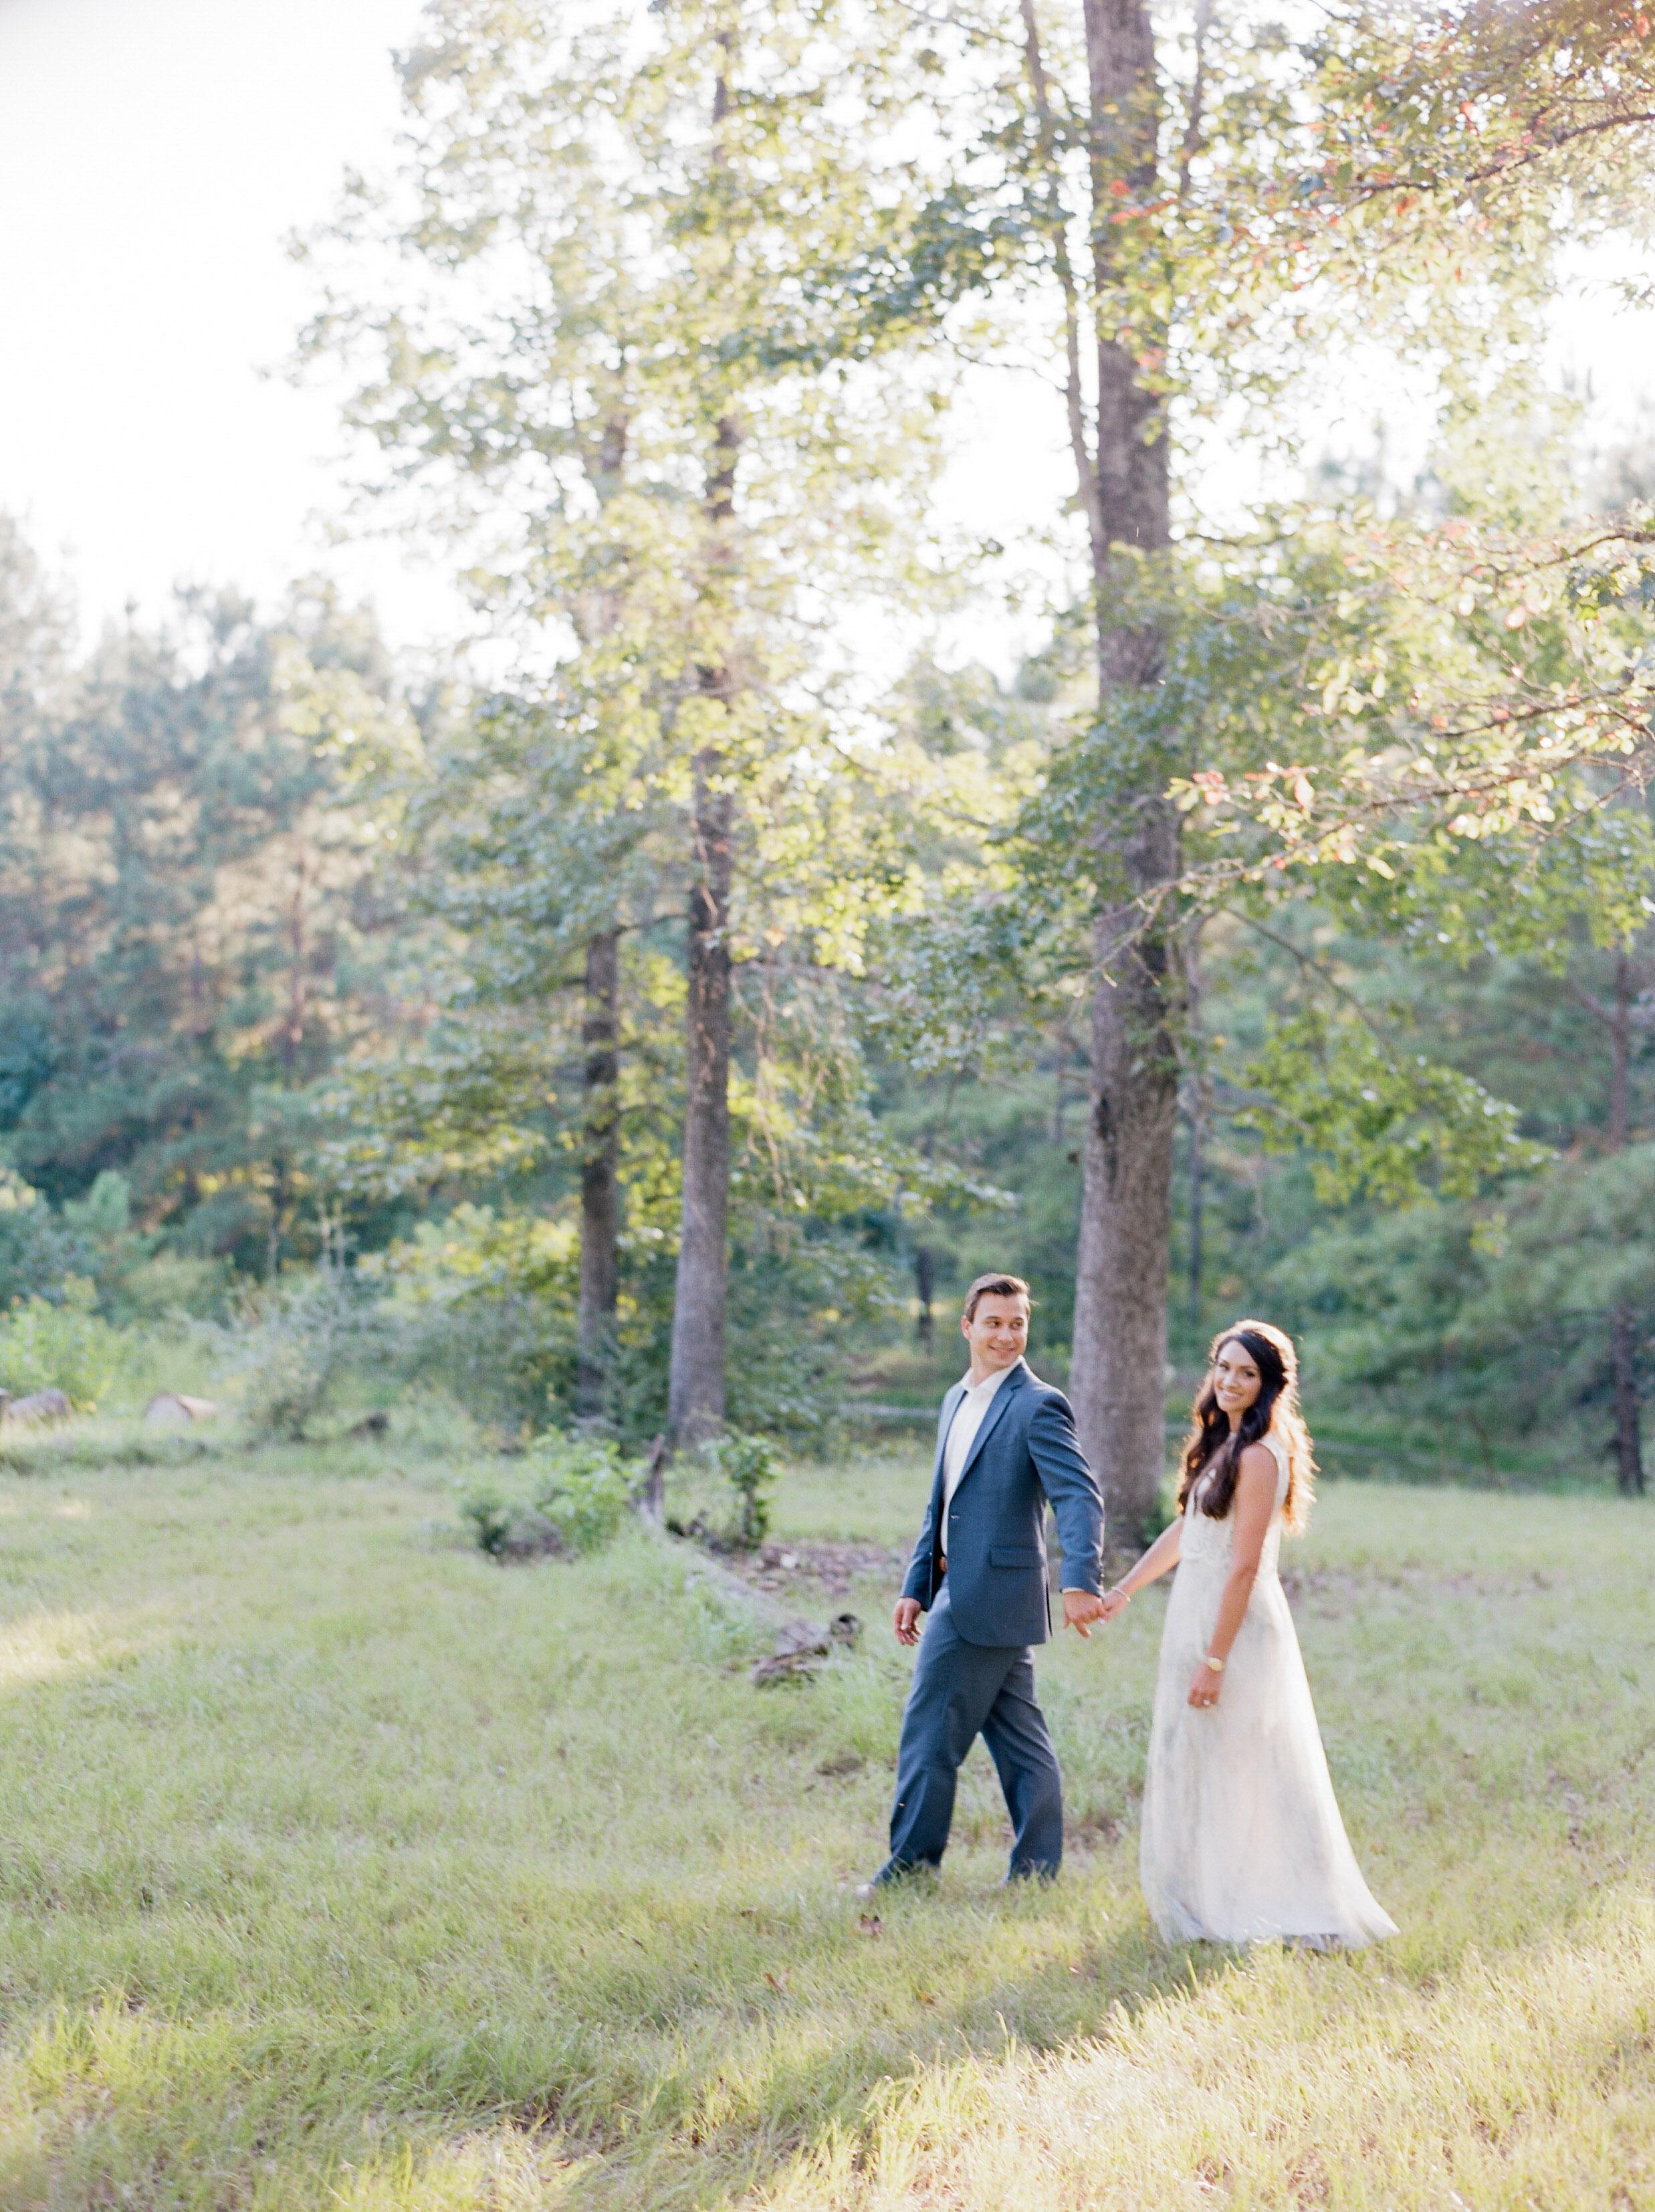 houston-wedding-photographer-engagements-engagement-session-houston-portrait-photographer-film-austin-wedding-photography-10.jpg